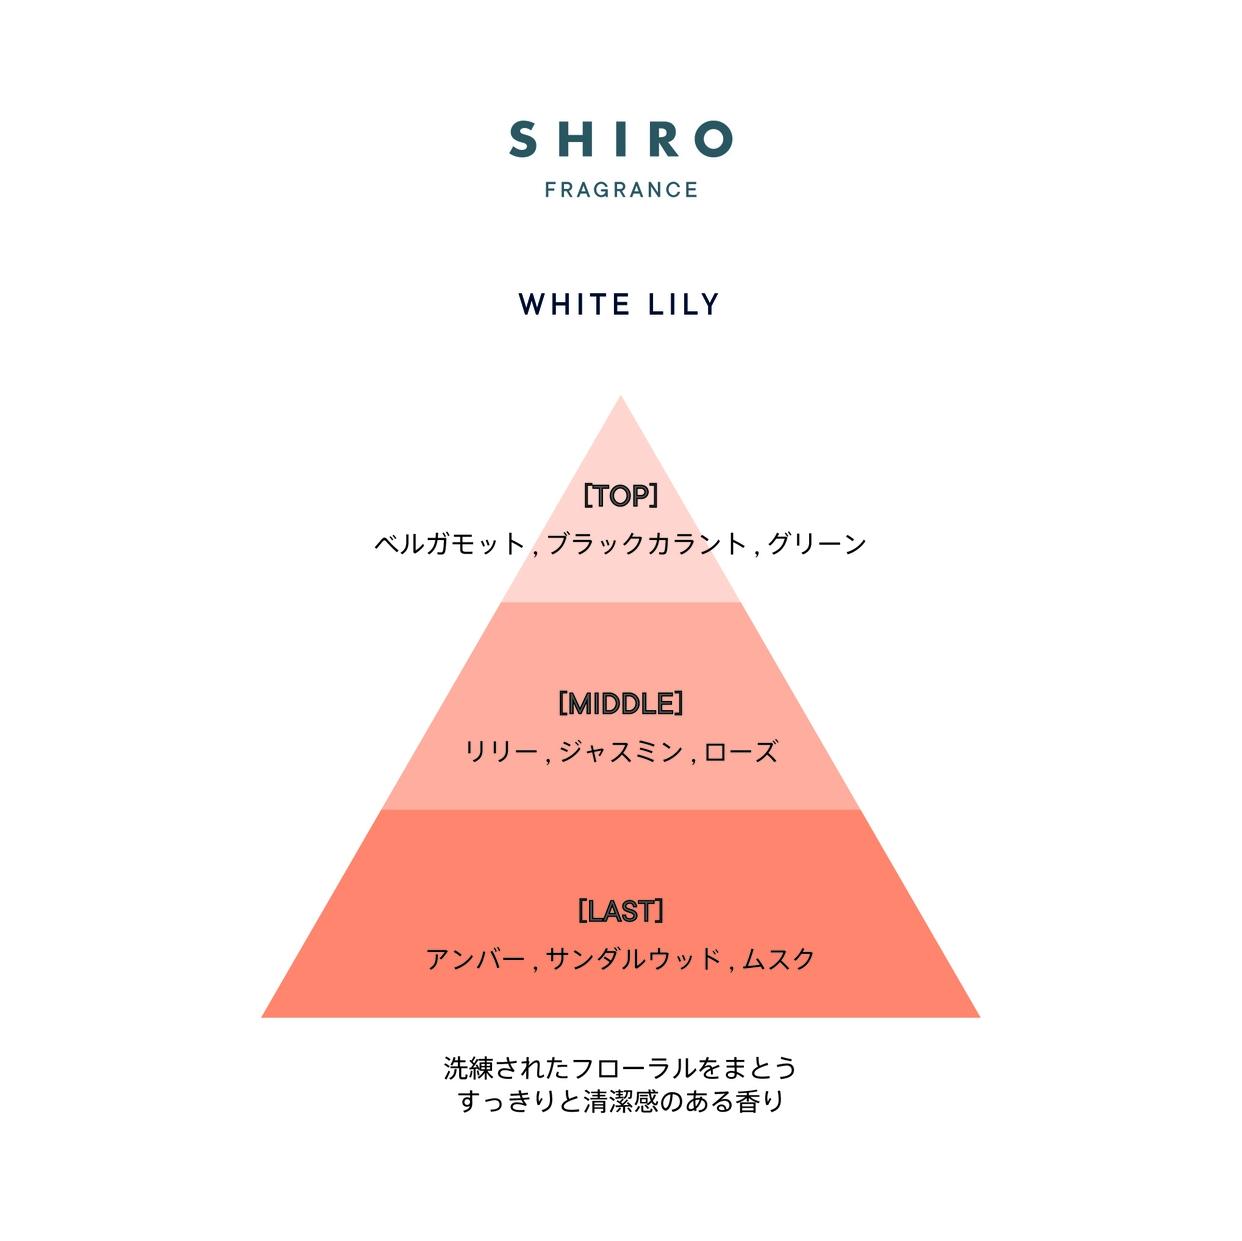 SHIRO(シロ) クレイハンドソープの商品画像2